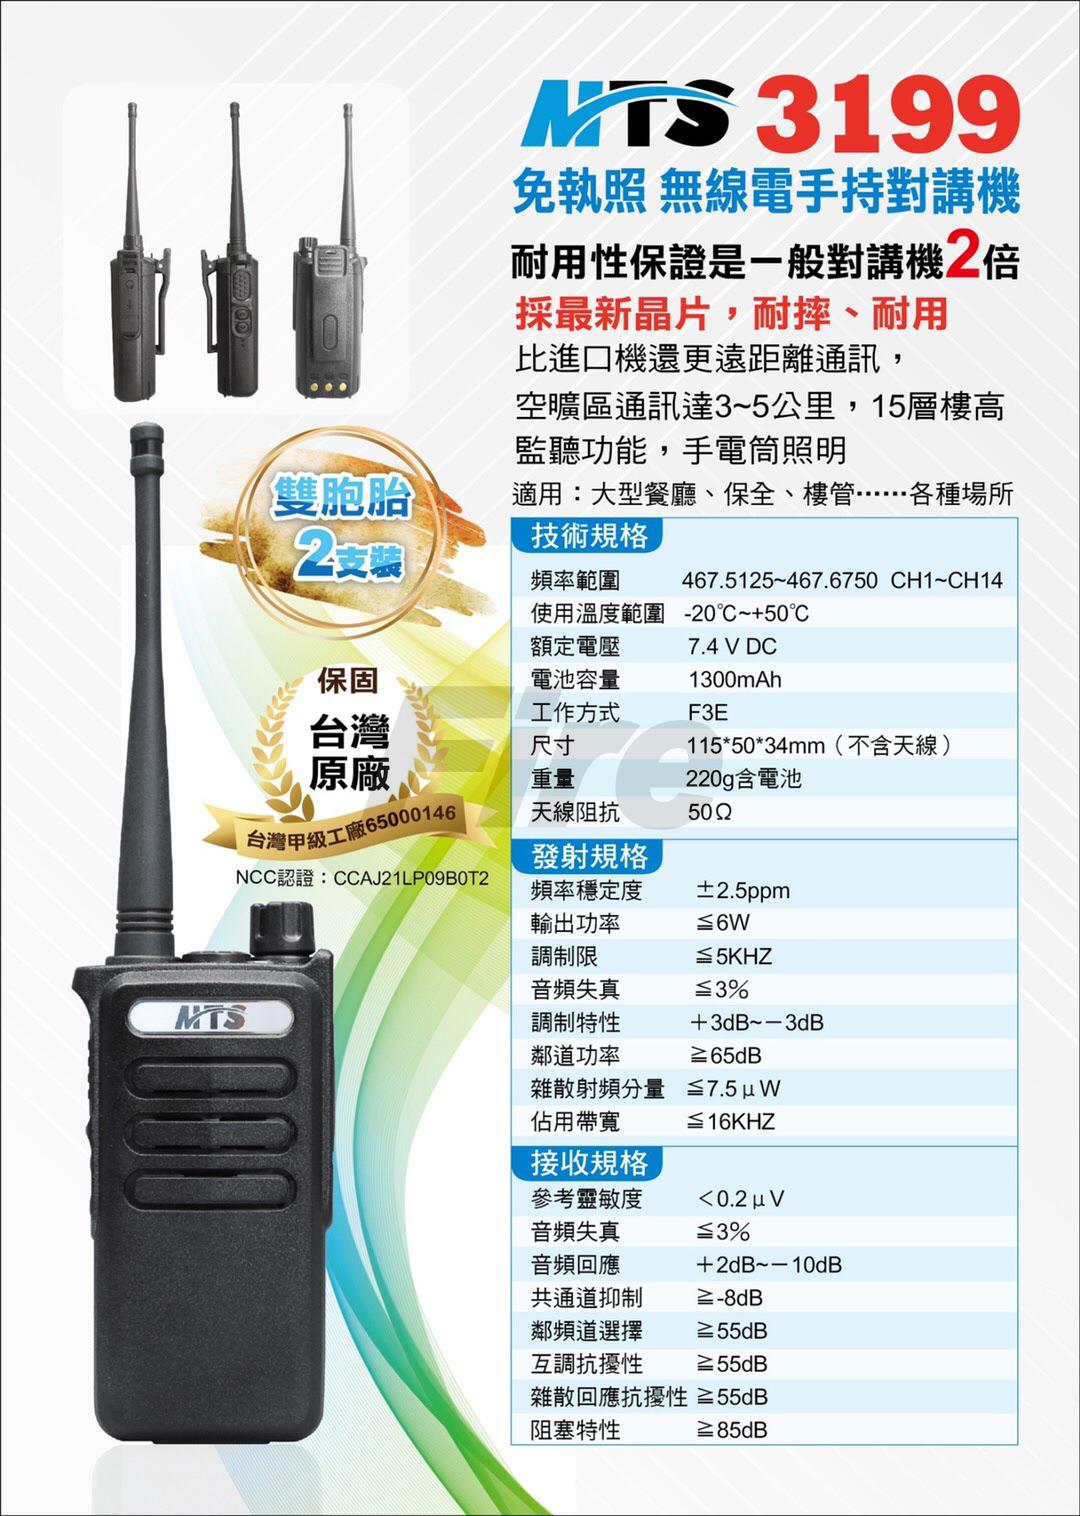 《光華車神》(送特勤空導) MTS 3199 【2入】 免執照 無線電 對講機 MTS-3199 耐摔耐用 遠距通訊